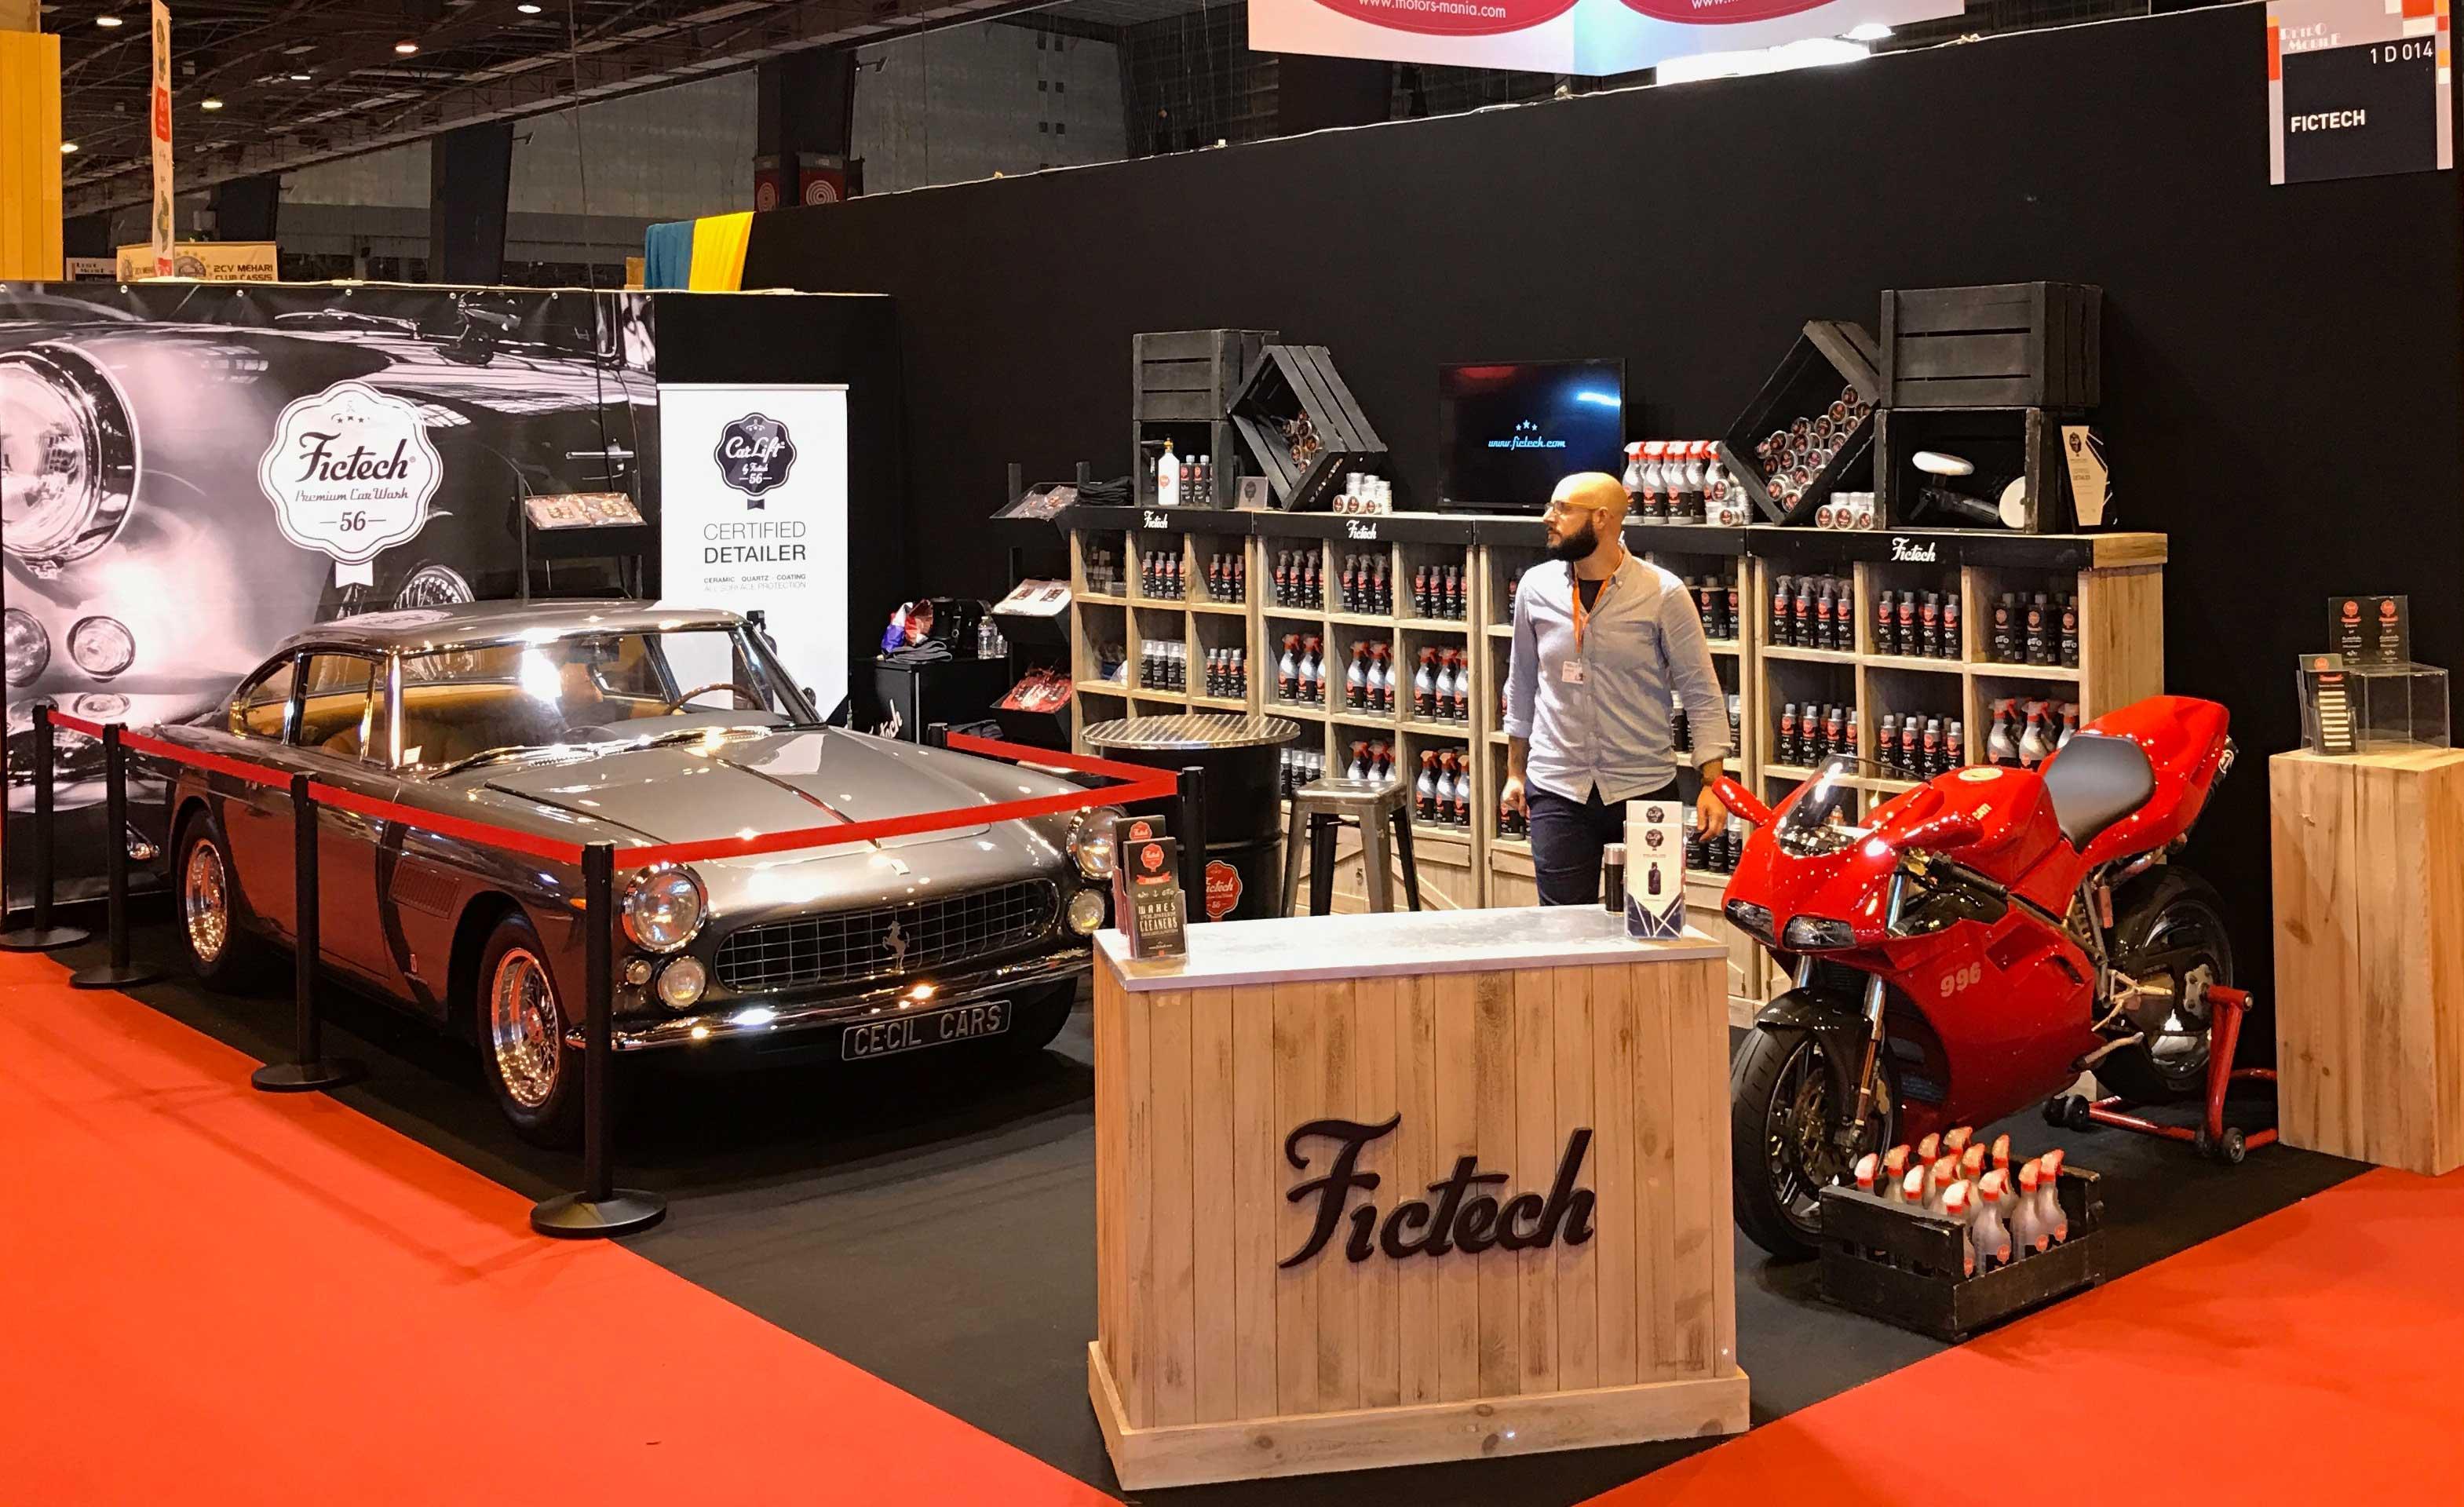 Jeux concours retromobile 2017 fictech premium car wash for Salon retromobile lyon